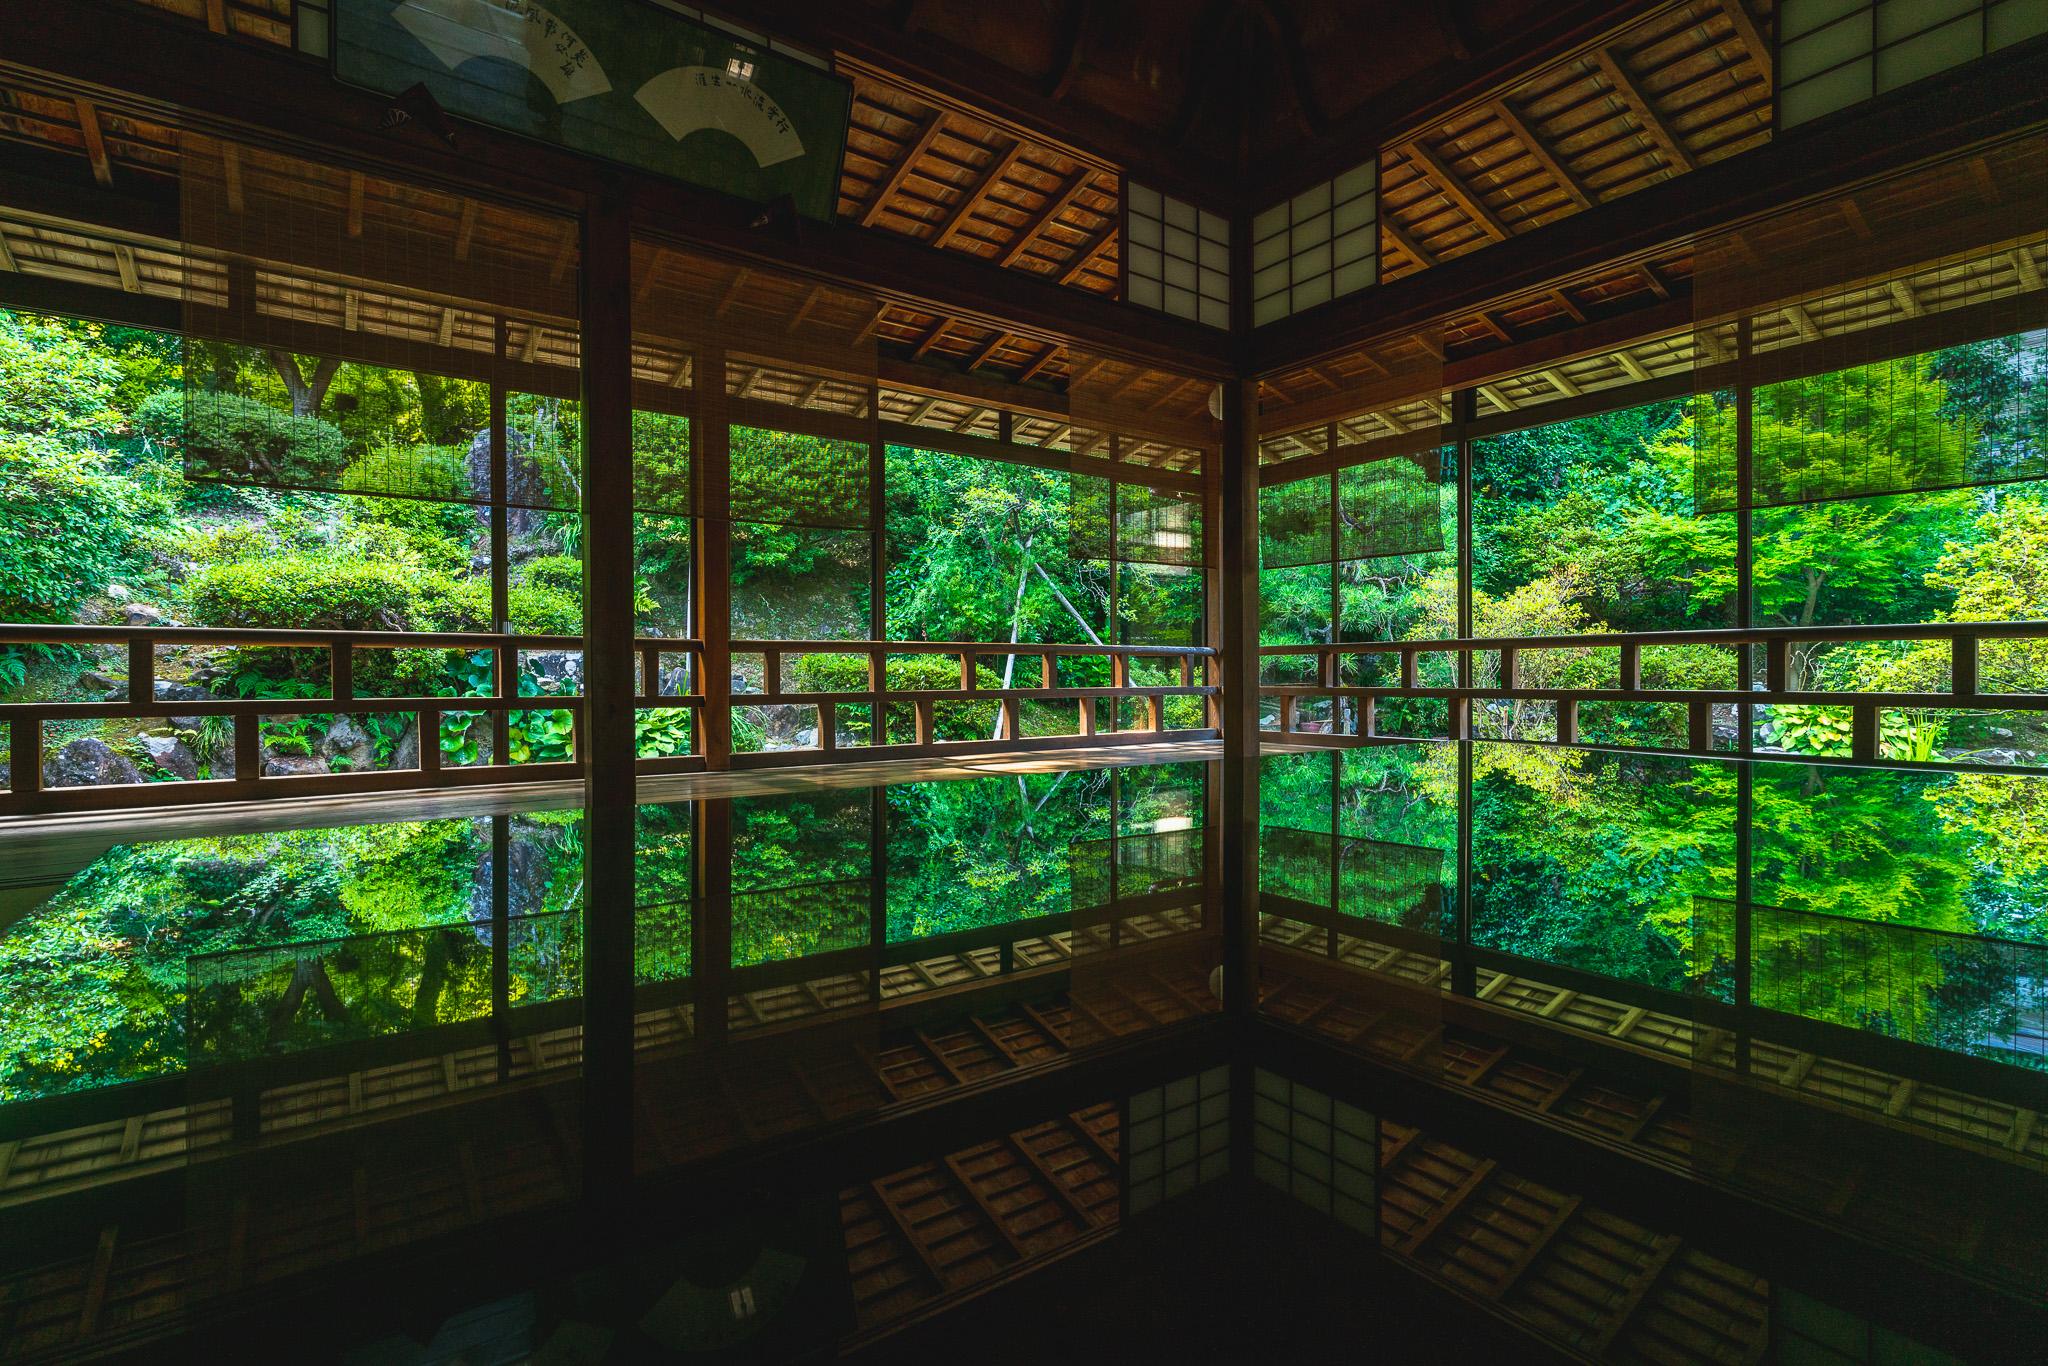 青林寺(石川県七尾市)| 施設内観撮影の画像